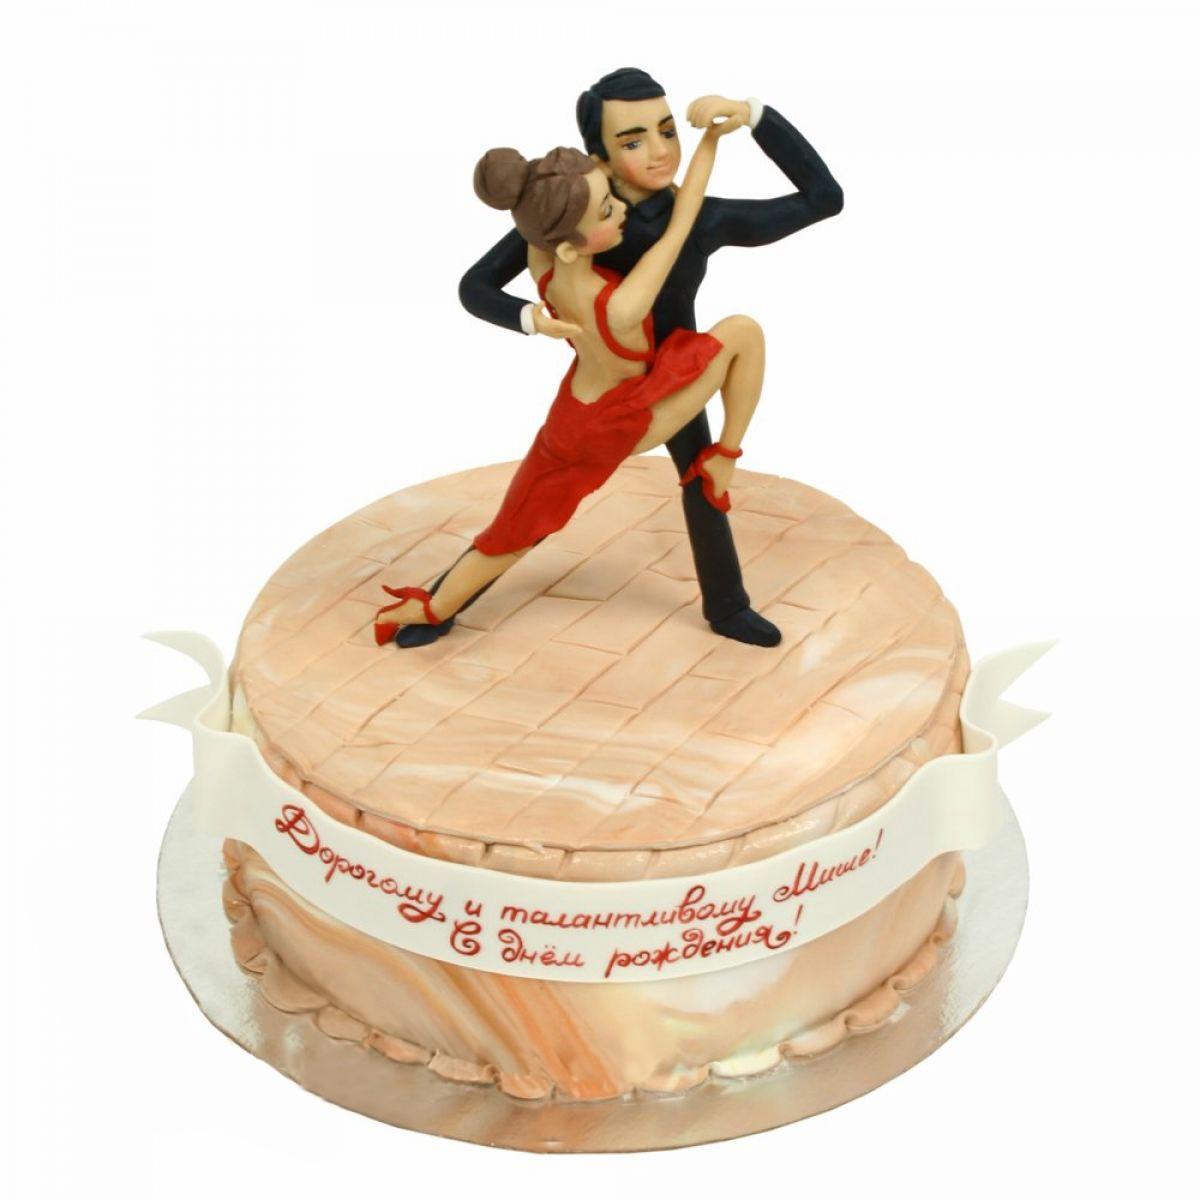 С днем рождения мужчине танцору картинки танцору, февраля поздравление